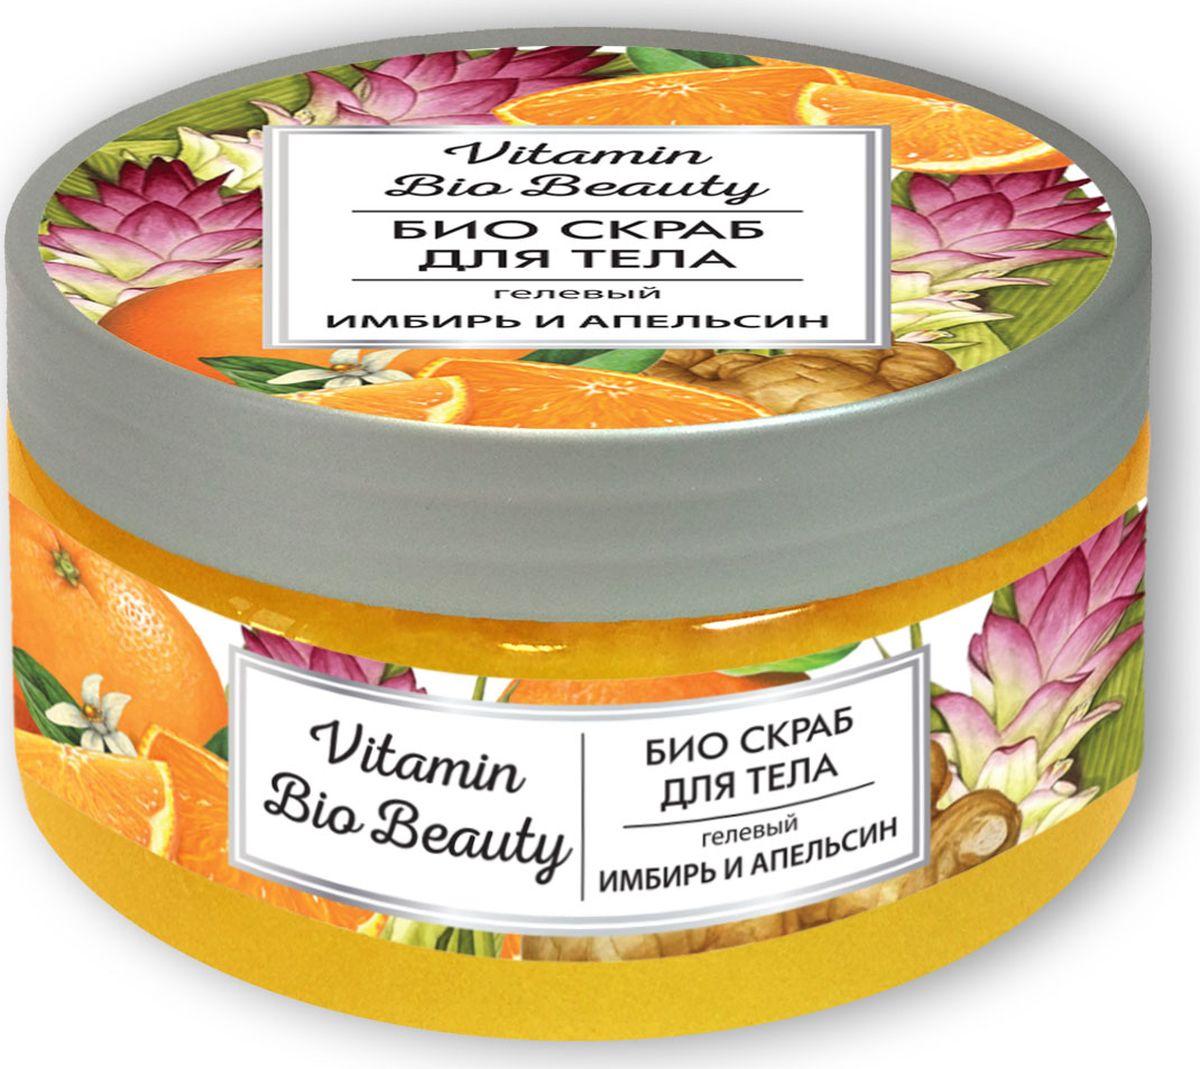 Vitamin Bio Beauty Скраб для тела имбирь и апельсин гелевый, 250 млFS-00897Vitamin Bio Beauty Скраб для тела имбирь и апельсин гелевый 250мл со 100% натуральными растительными экстрактами - отличное средство для профилактики целлюлита! Мягкие гранулы эффективно очищают кожу, отшелушивают омертвевшие клеточки, улучшают кровообращение. Натуральный экстракт имбиря подтягивает, тонизирует, улучшает рельеф кожи. Эфирное масло апельсина улучшает цвет кожи, повышает ее эластичность. Масло облепихи оказывает интенсивное смягчающее действие. Регулярное применение скраба сделает Вашу кожу великолепной!